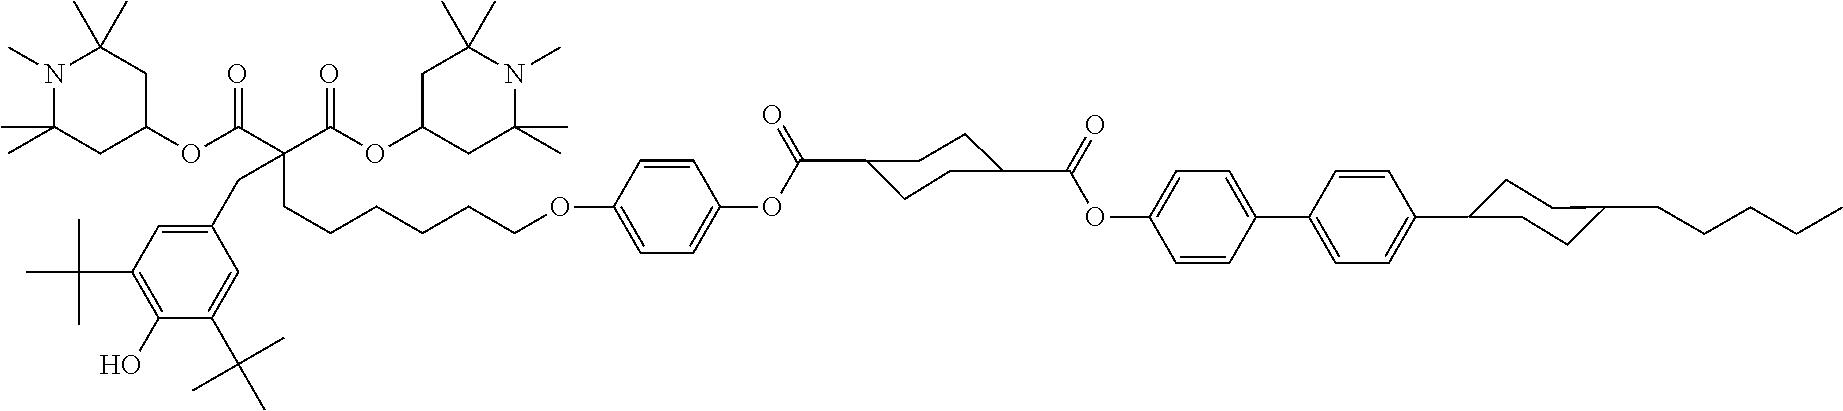 Figure US08431039-20130430-C00044